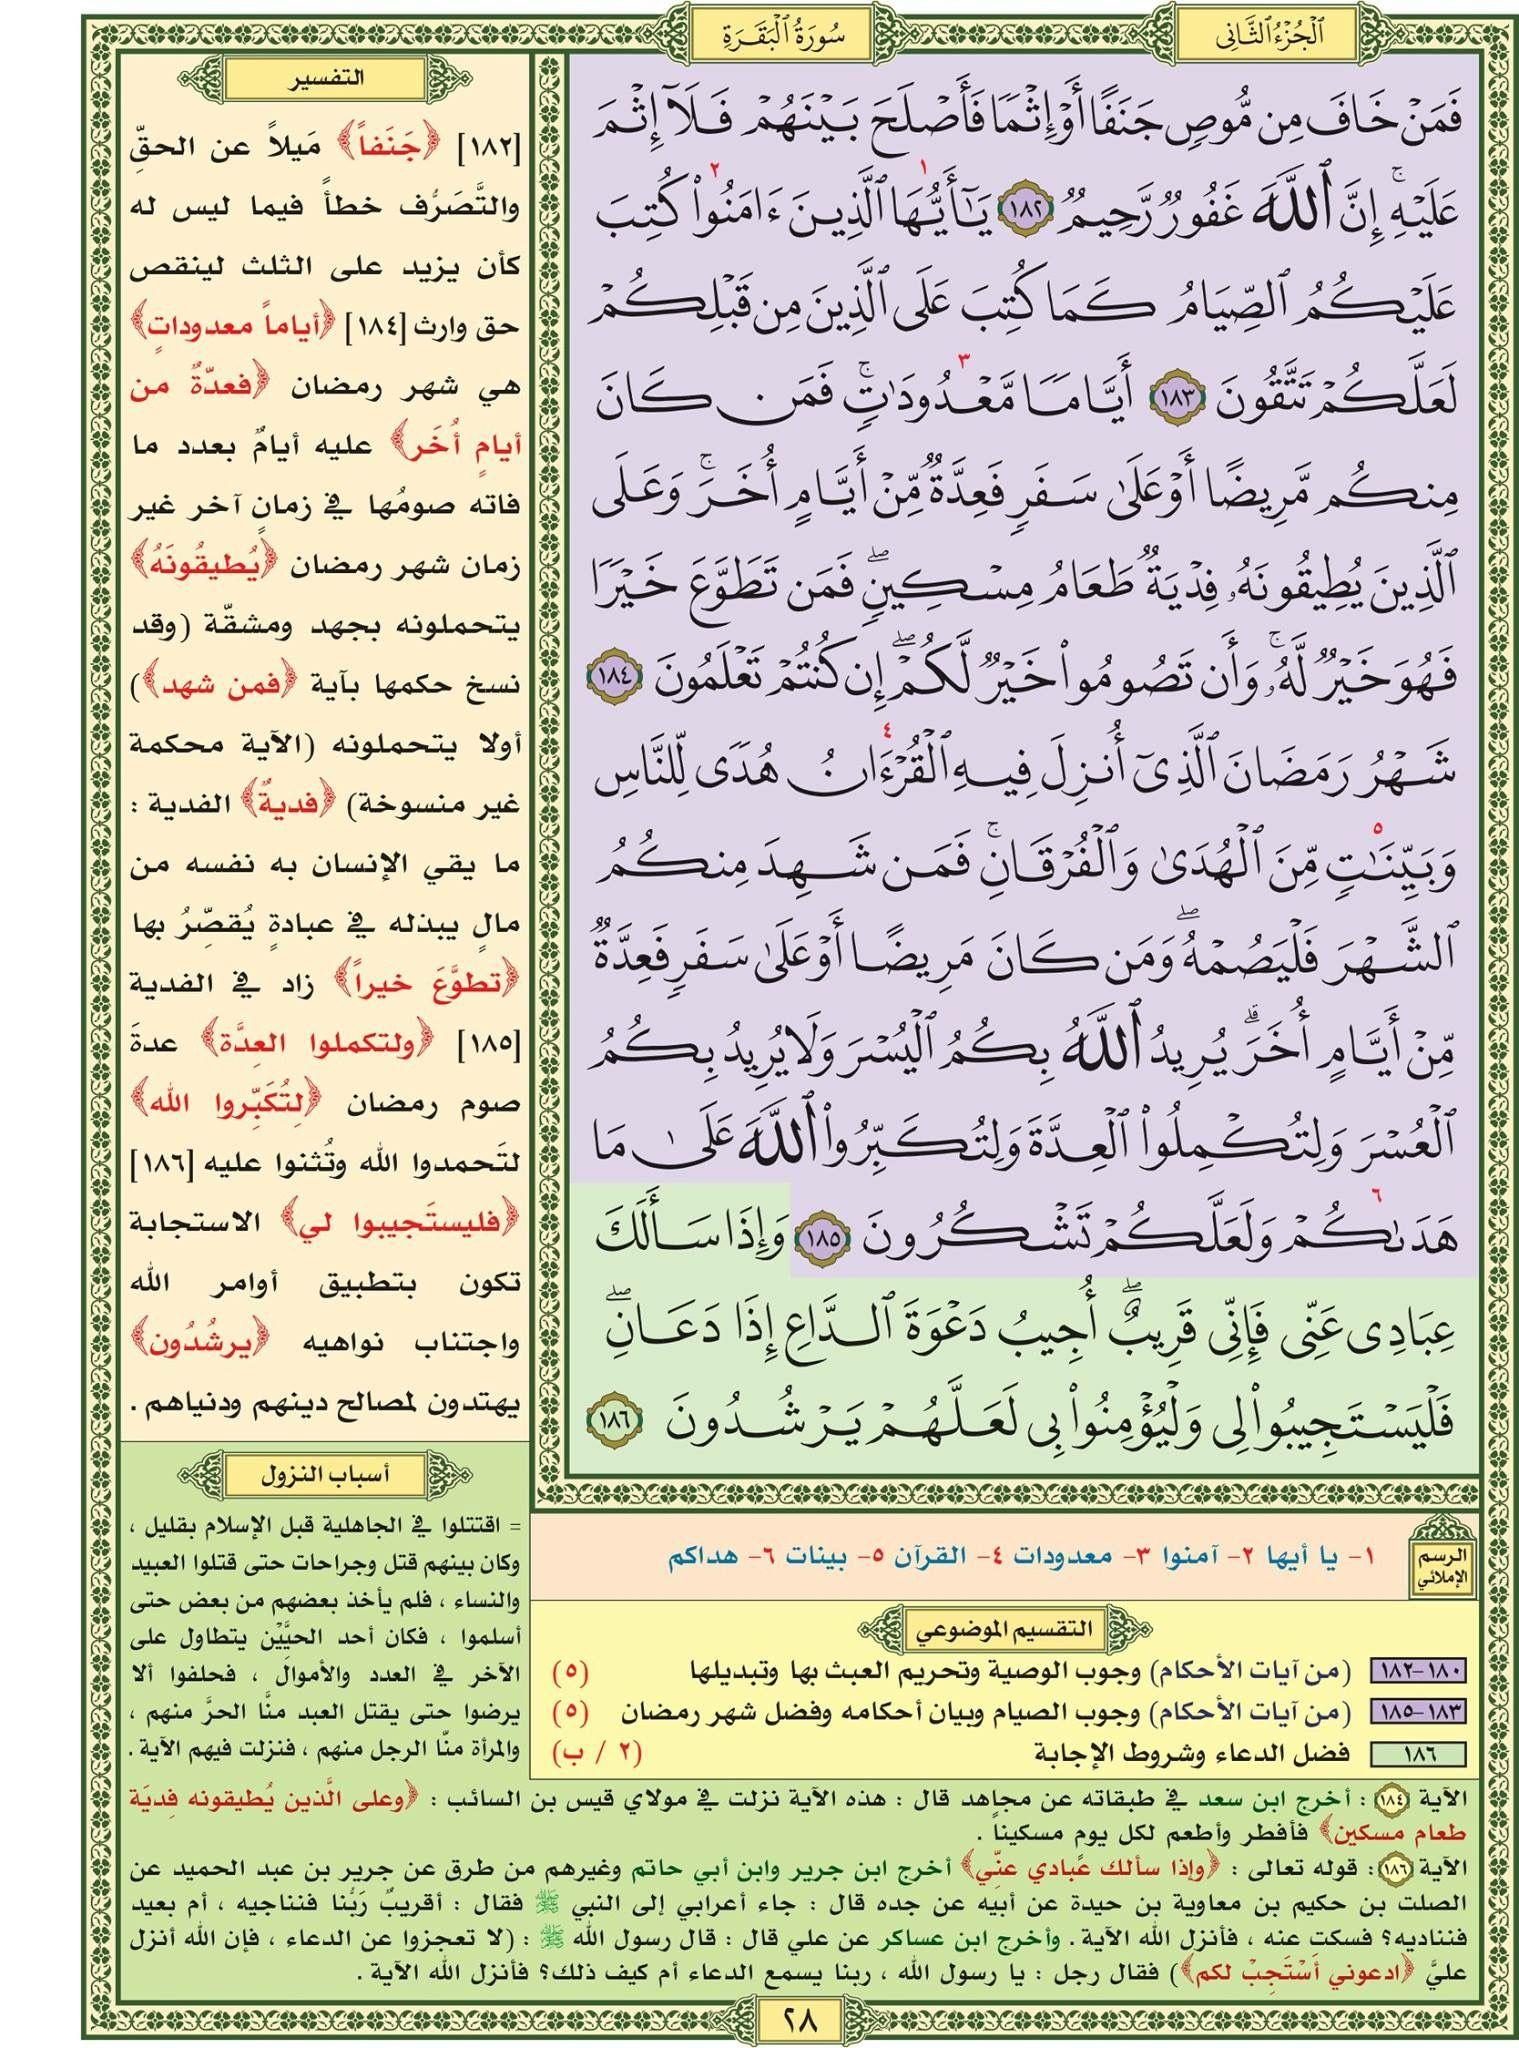 سورة البقرة صفحة رقم ٢٨ مصحف التقسيم الموضوعي للحافظ المتقن Quran Verses Verses Bullet Journal